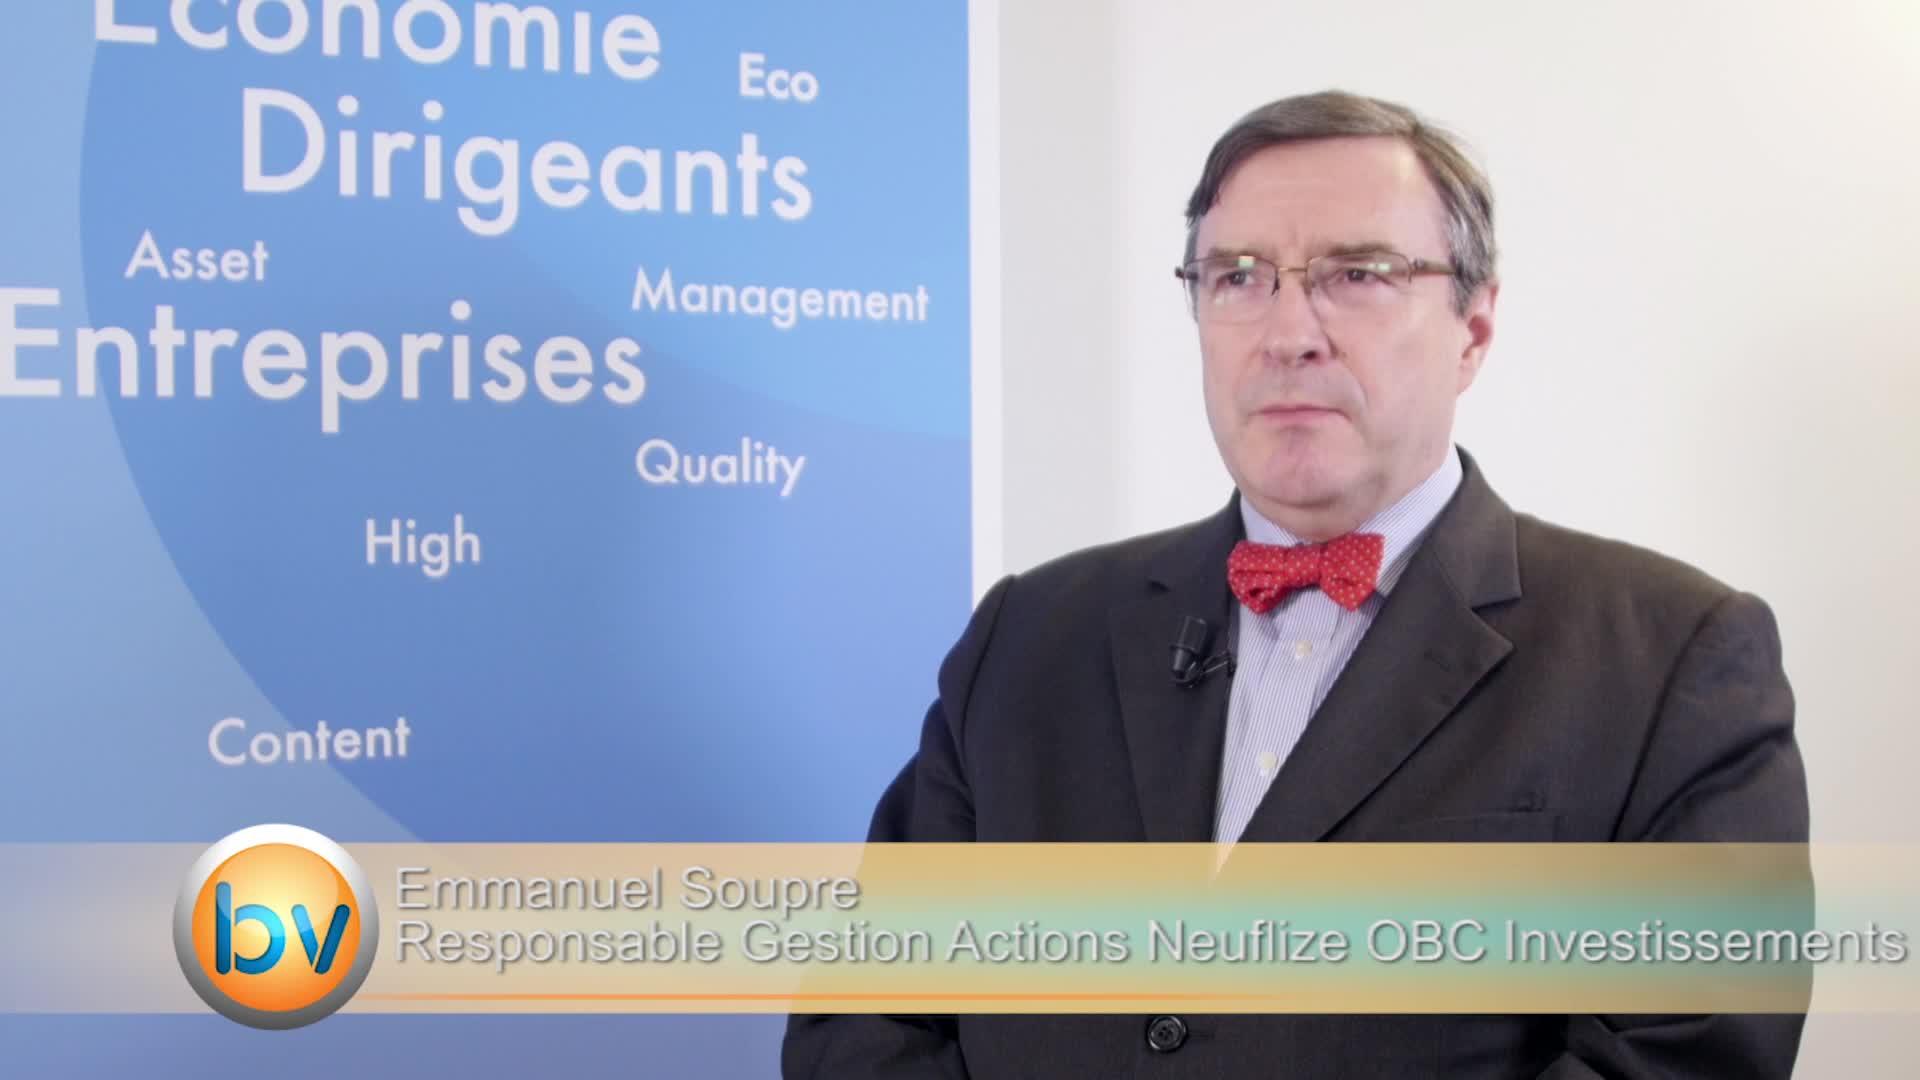 """Emmanuel Soupre Directeur Gestion Actions Neuflize OBC Investissements : """"Un rééquilibrage favorable aux valeurs moyennes"""""""